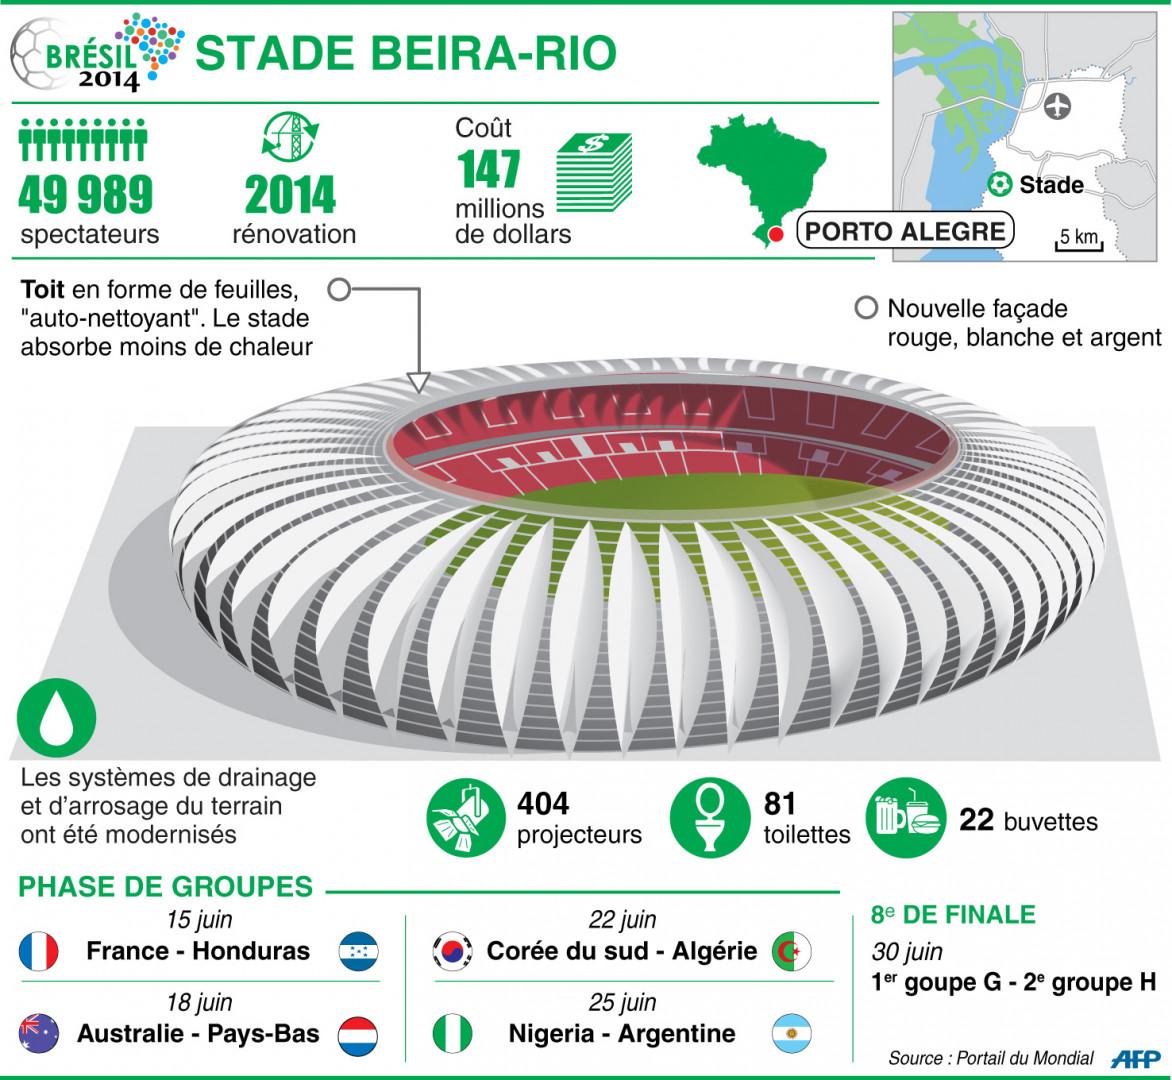 Infographie : le stade Beira-Rio à Porto Alegre